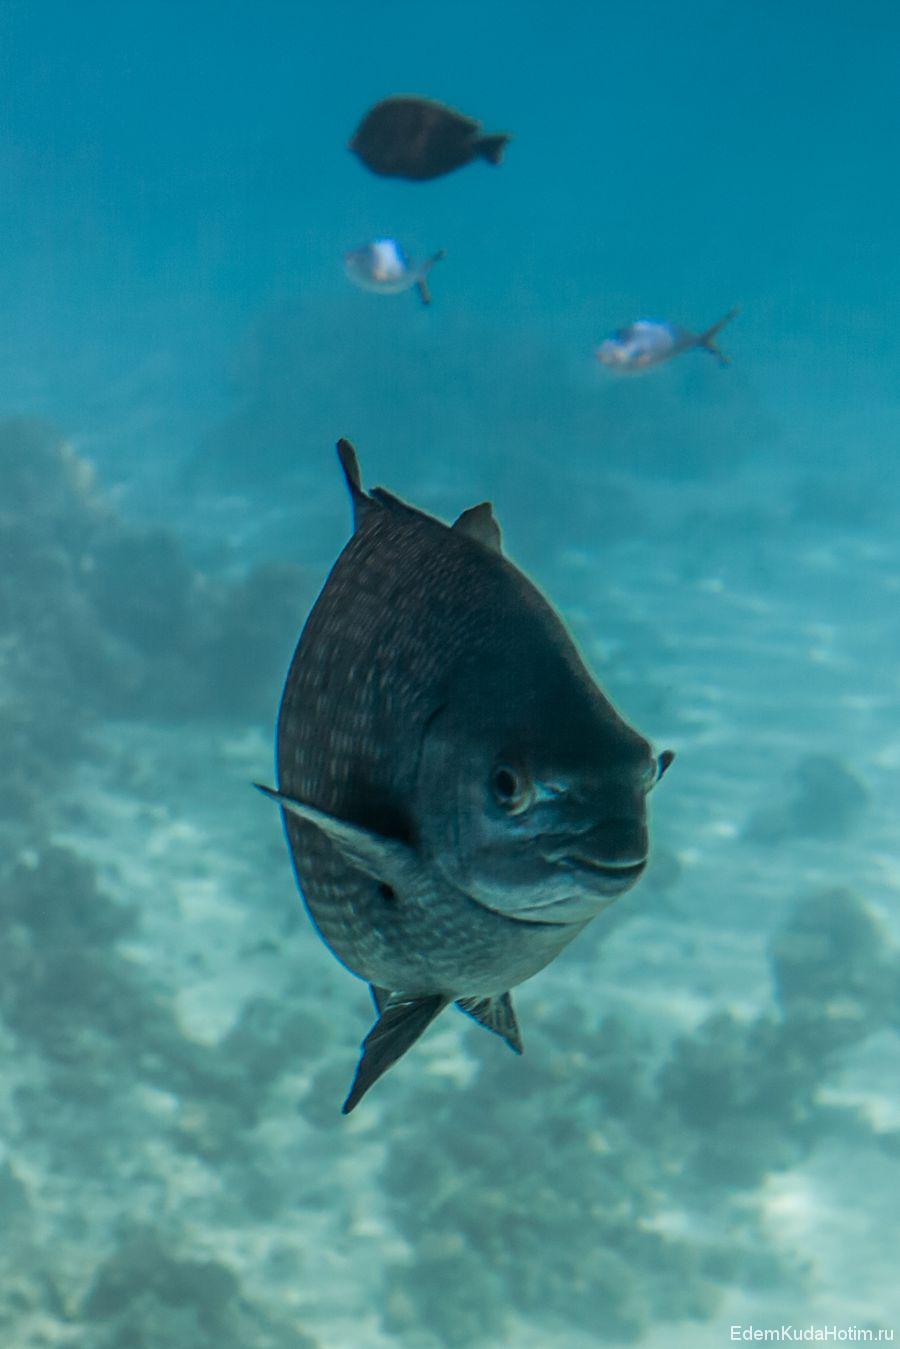 Позитивный морской лещ :)